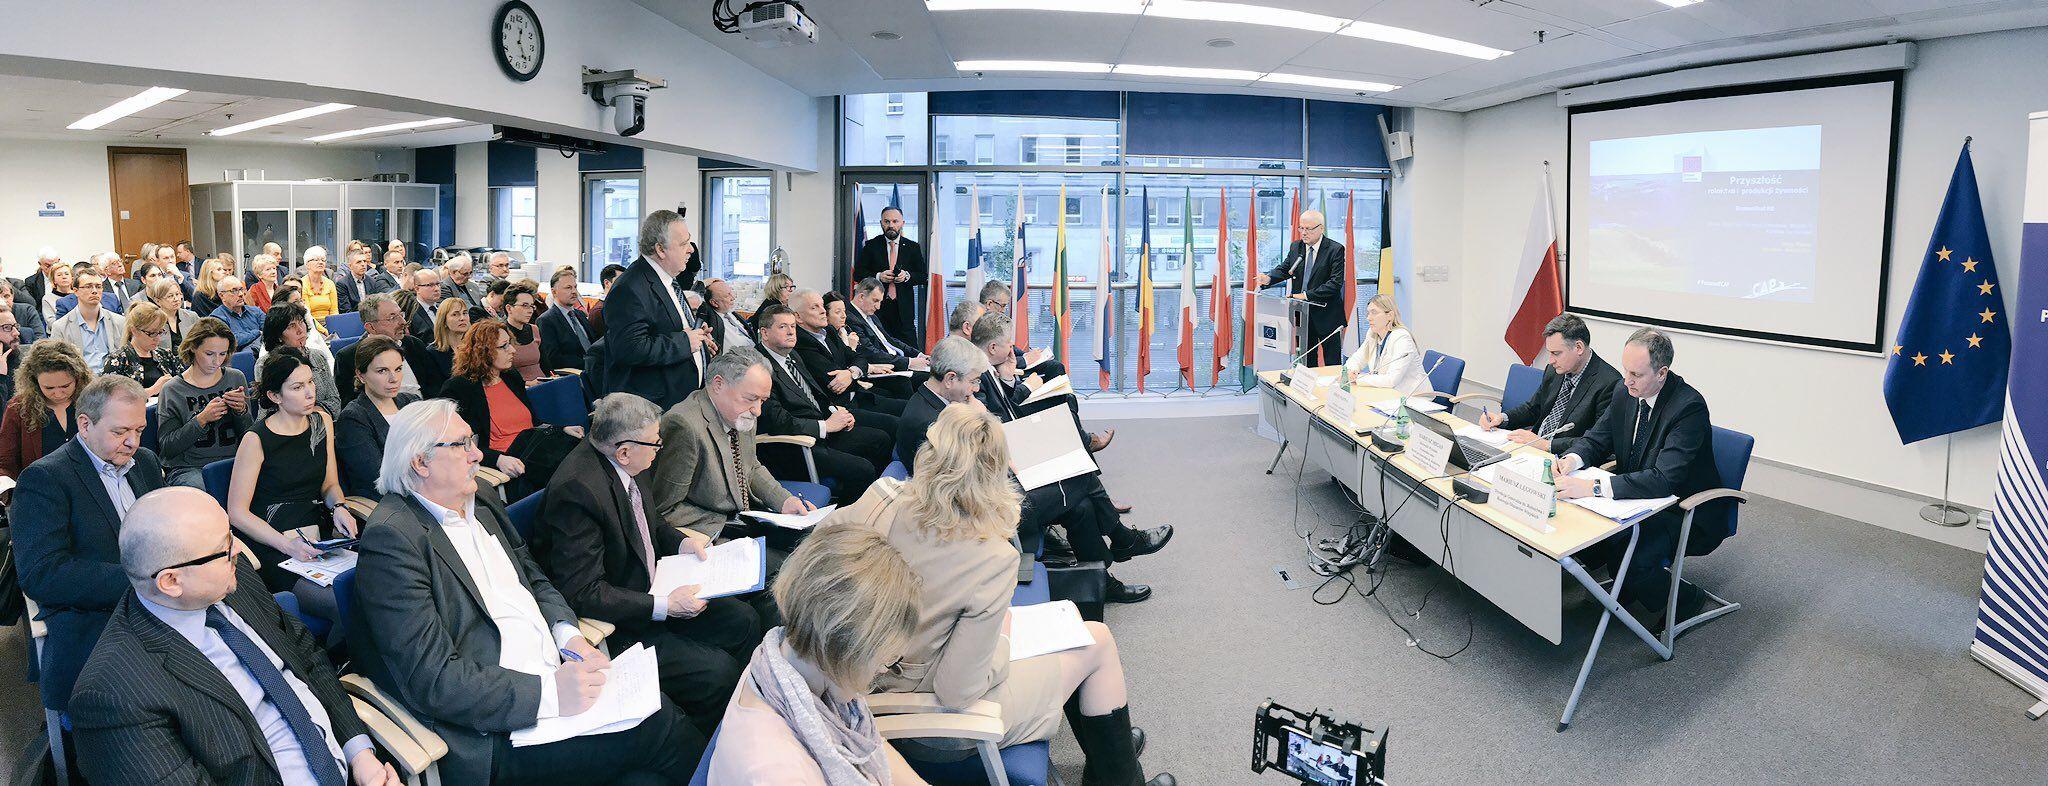 Prezentacja komunikatu KE ws. nowej Wspólnej Polityki Rolnej w Przedstawicielstwie Komisji Europejskiej w Warszawie